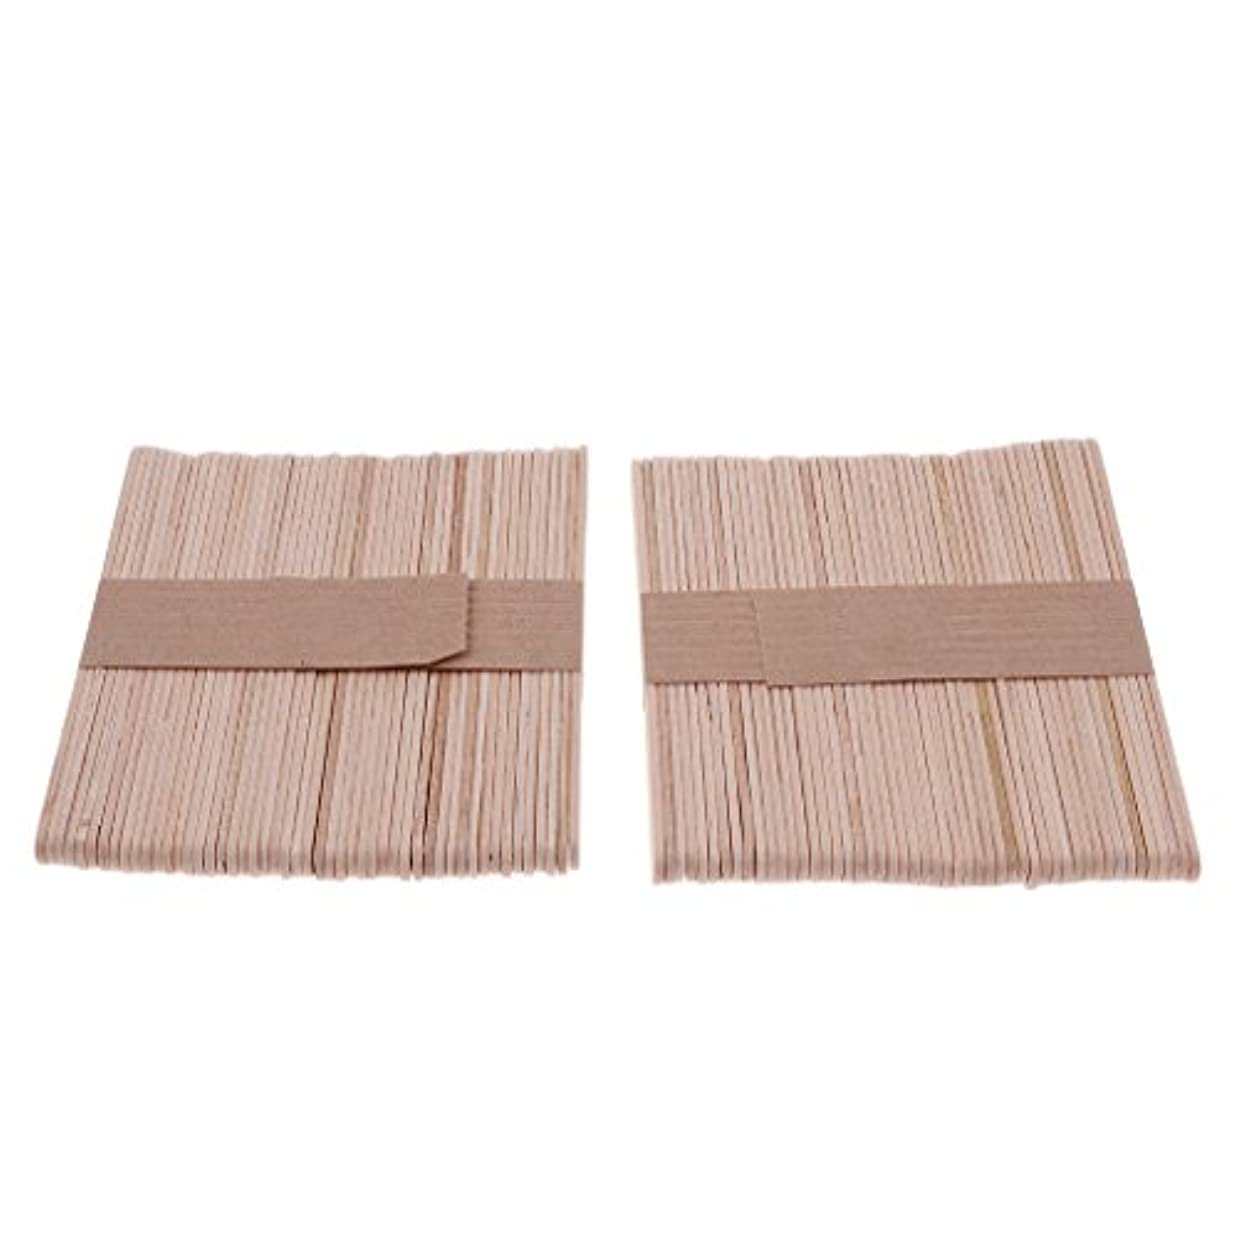 く定義冬木材スティック 脱毛 ワックス用 体毛除去 自宅用 美容院 200個入り 2サイズ選べる - S